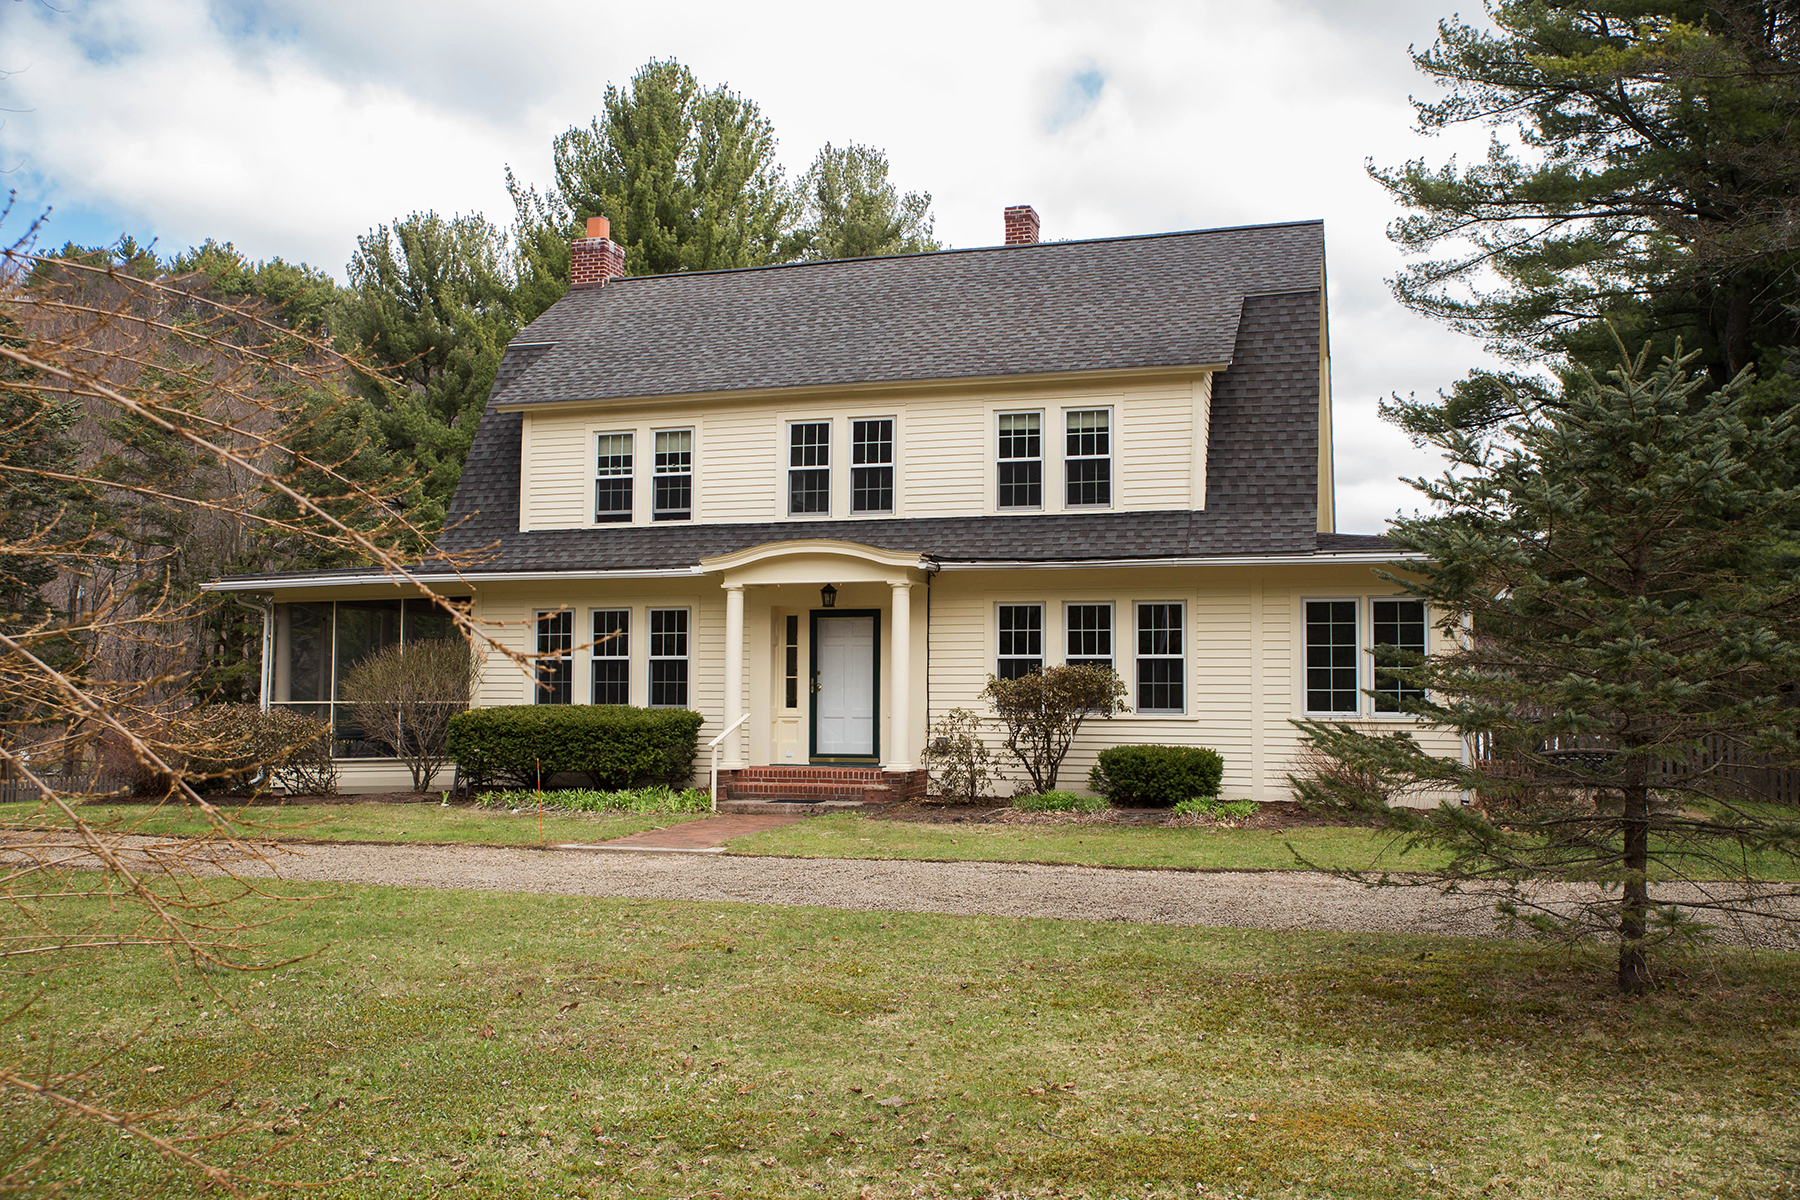 Casa Unifamiliar por un Venta en Lakefront Farm House 2373 State Route 295 Canaan, Nueva York, 12029 Estados Unidos